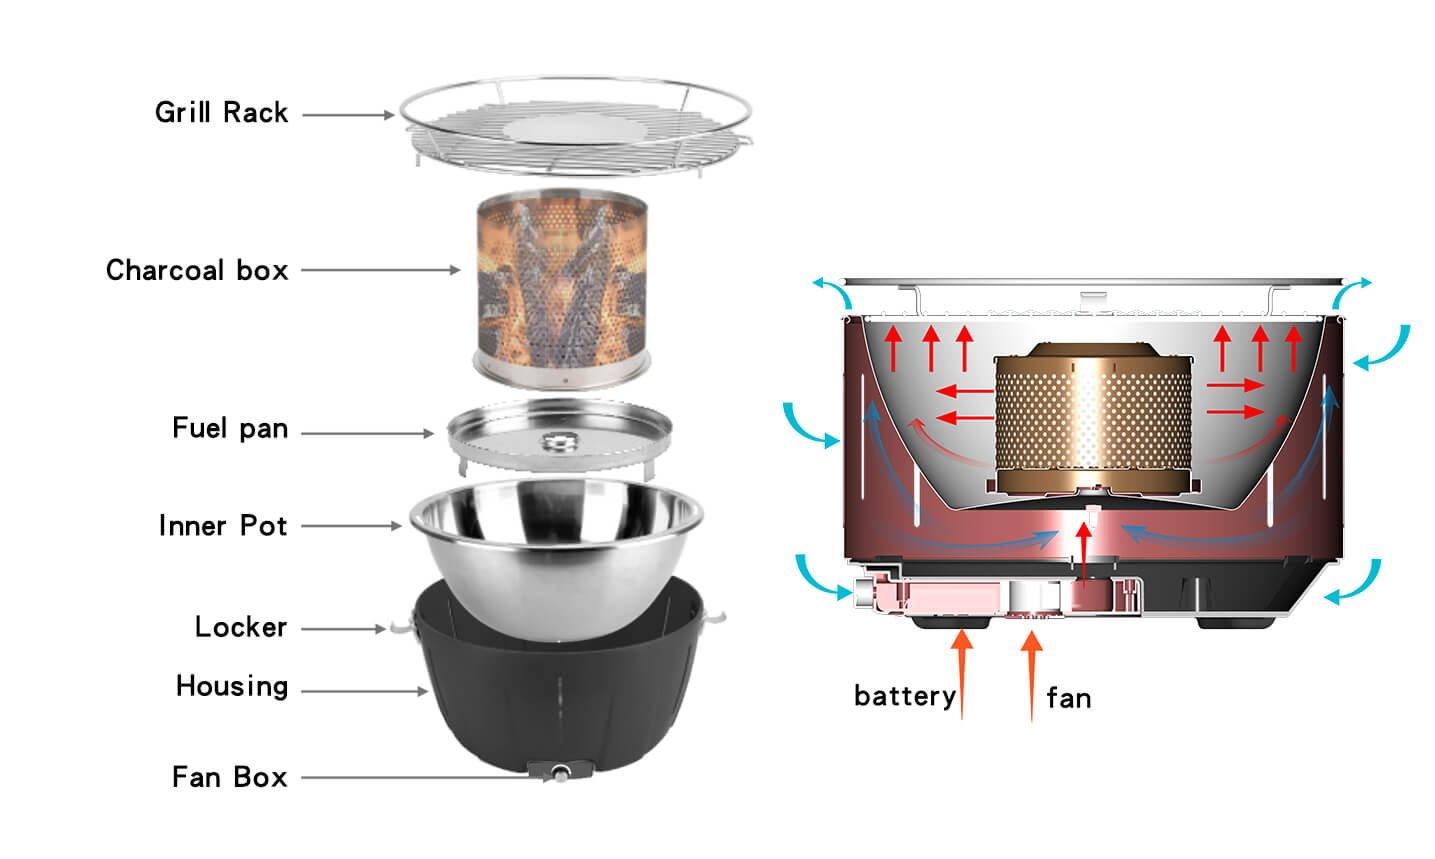 Aobosi Rauchfreier Holzkohlegrill : Aobosi rauchfreier holzkohlegrill mit aktivbelüftung ventilator